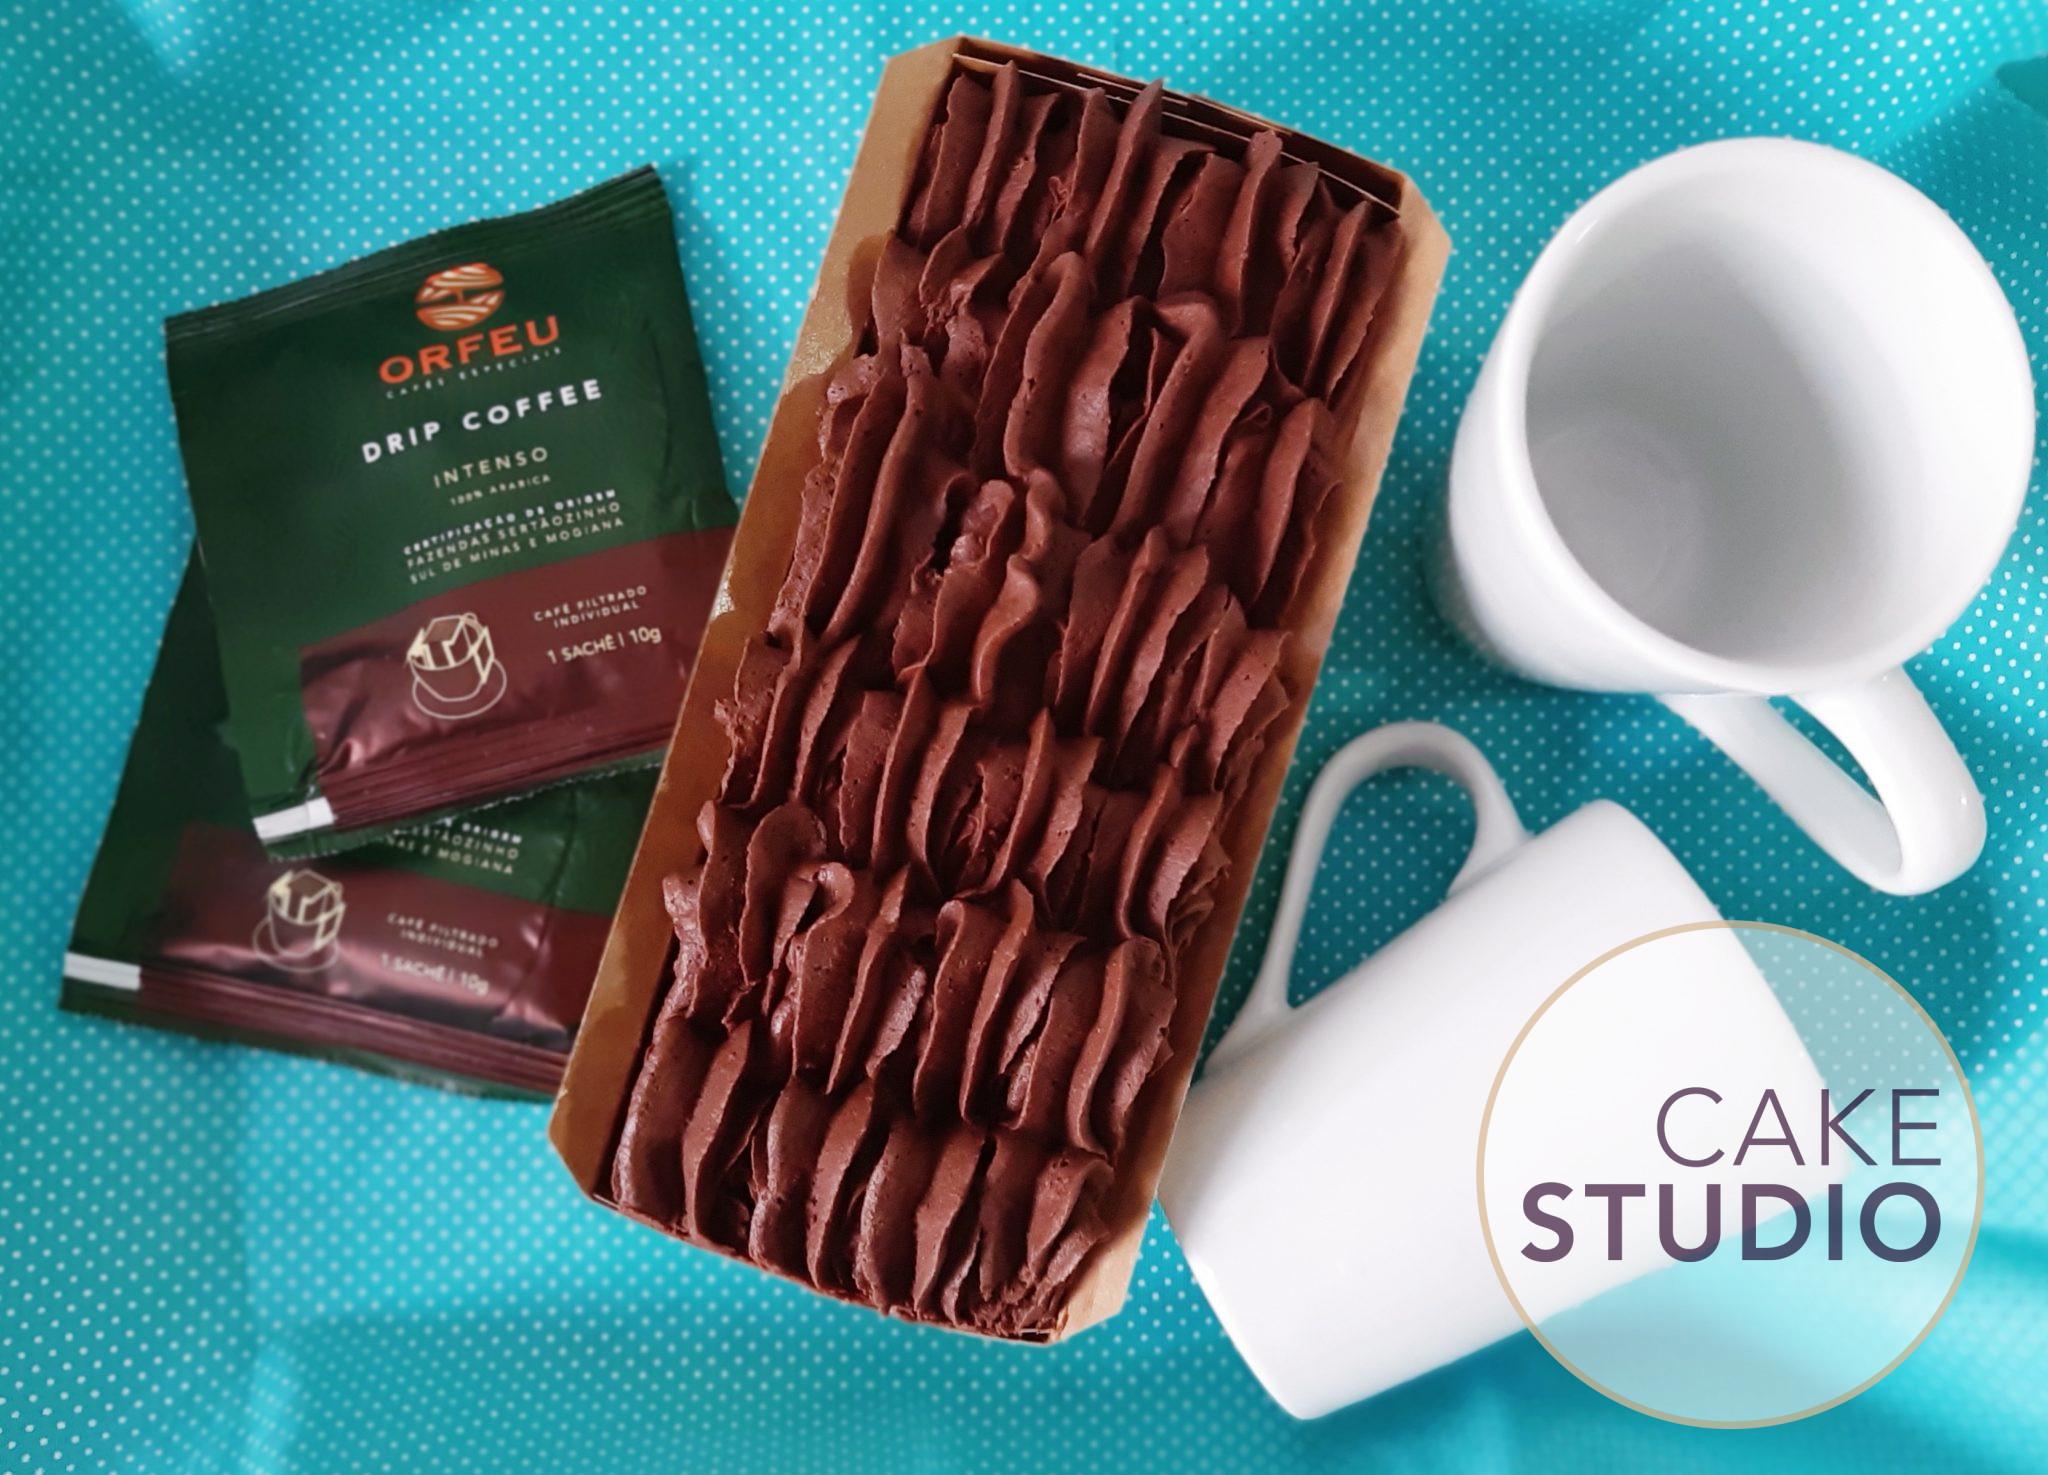 Presente de Dia dos Namorados: kit Coffee Lovers com bolo de chocolate, café e canecas. Feito por Cake Studio ( contato@cakestudio.com.br | (11) 96882-2623 ).